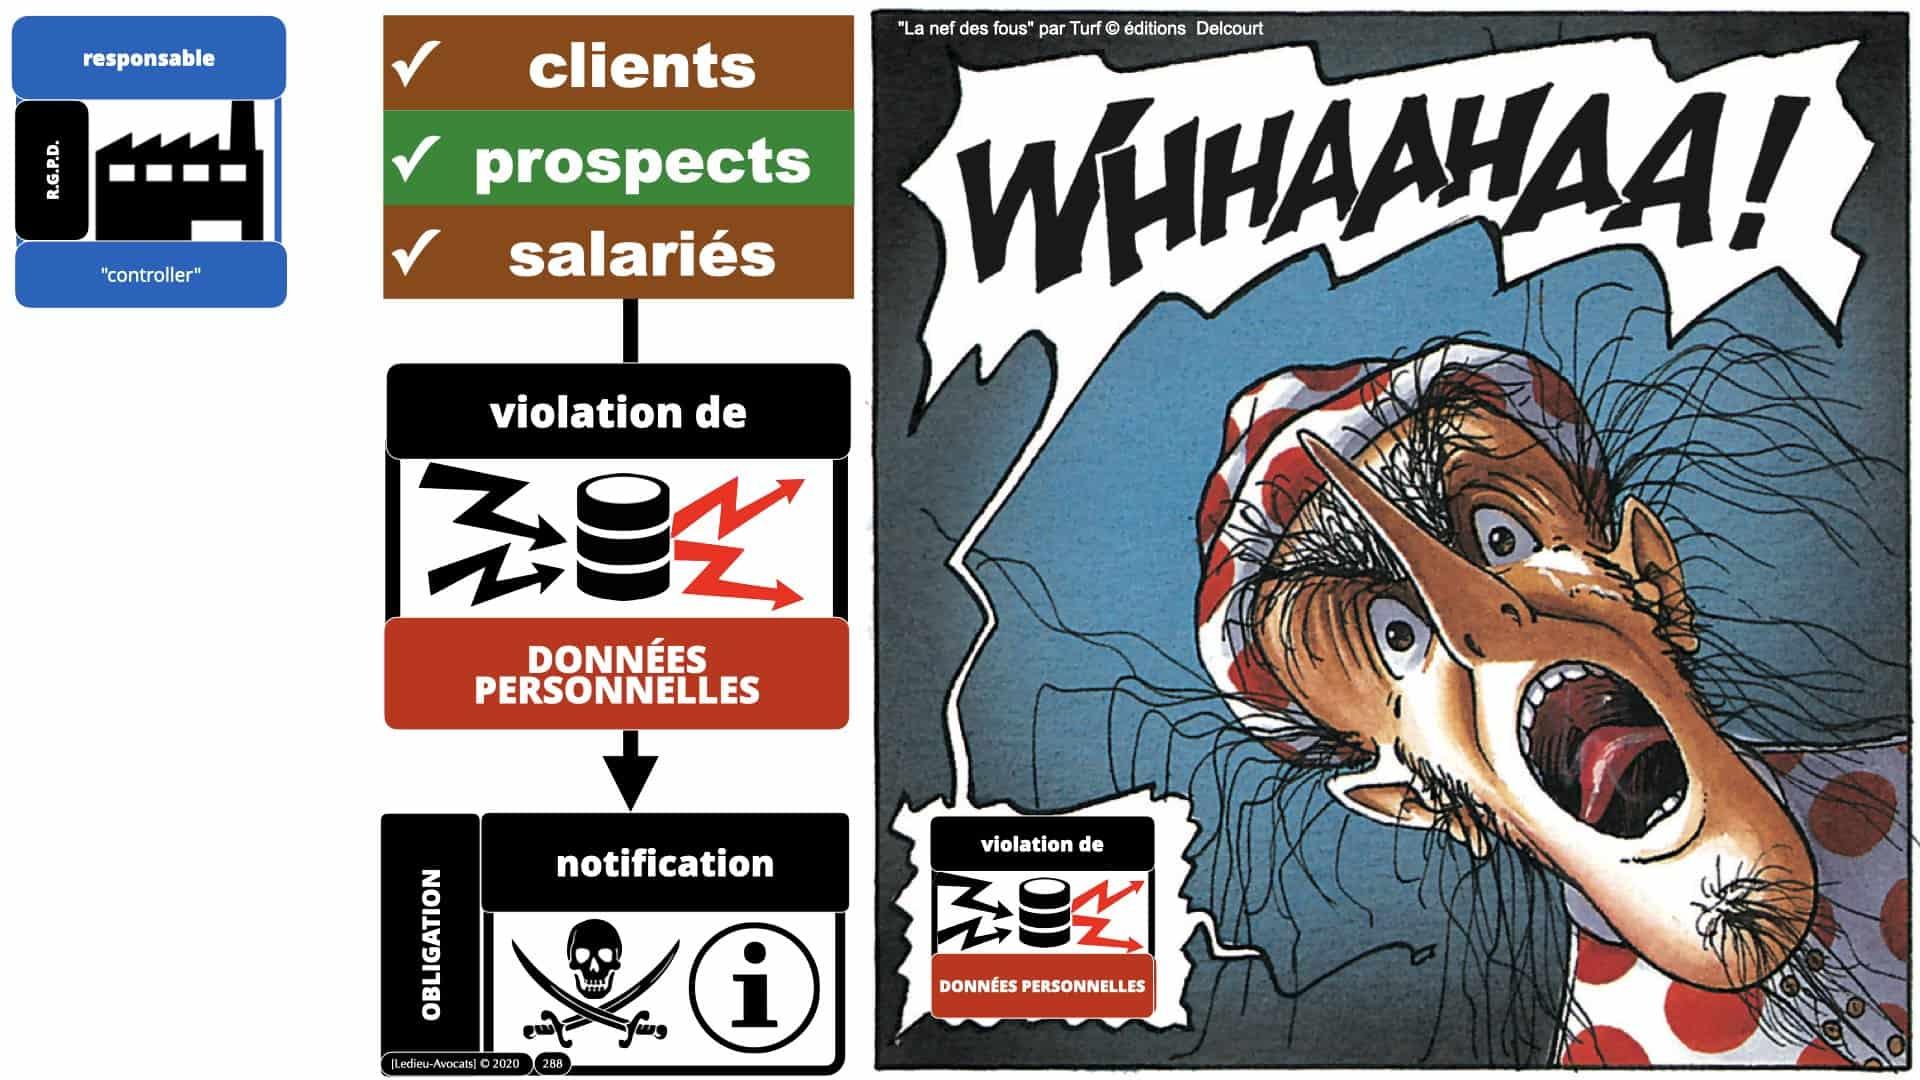 RGPD e-Privacy données personnelles jurisprudence formation Lamy Les Echos 10-02-2021 ©Ledieu-Avocats.288